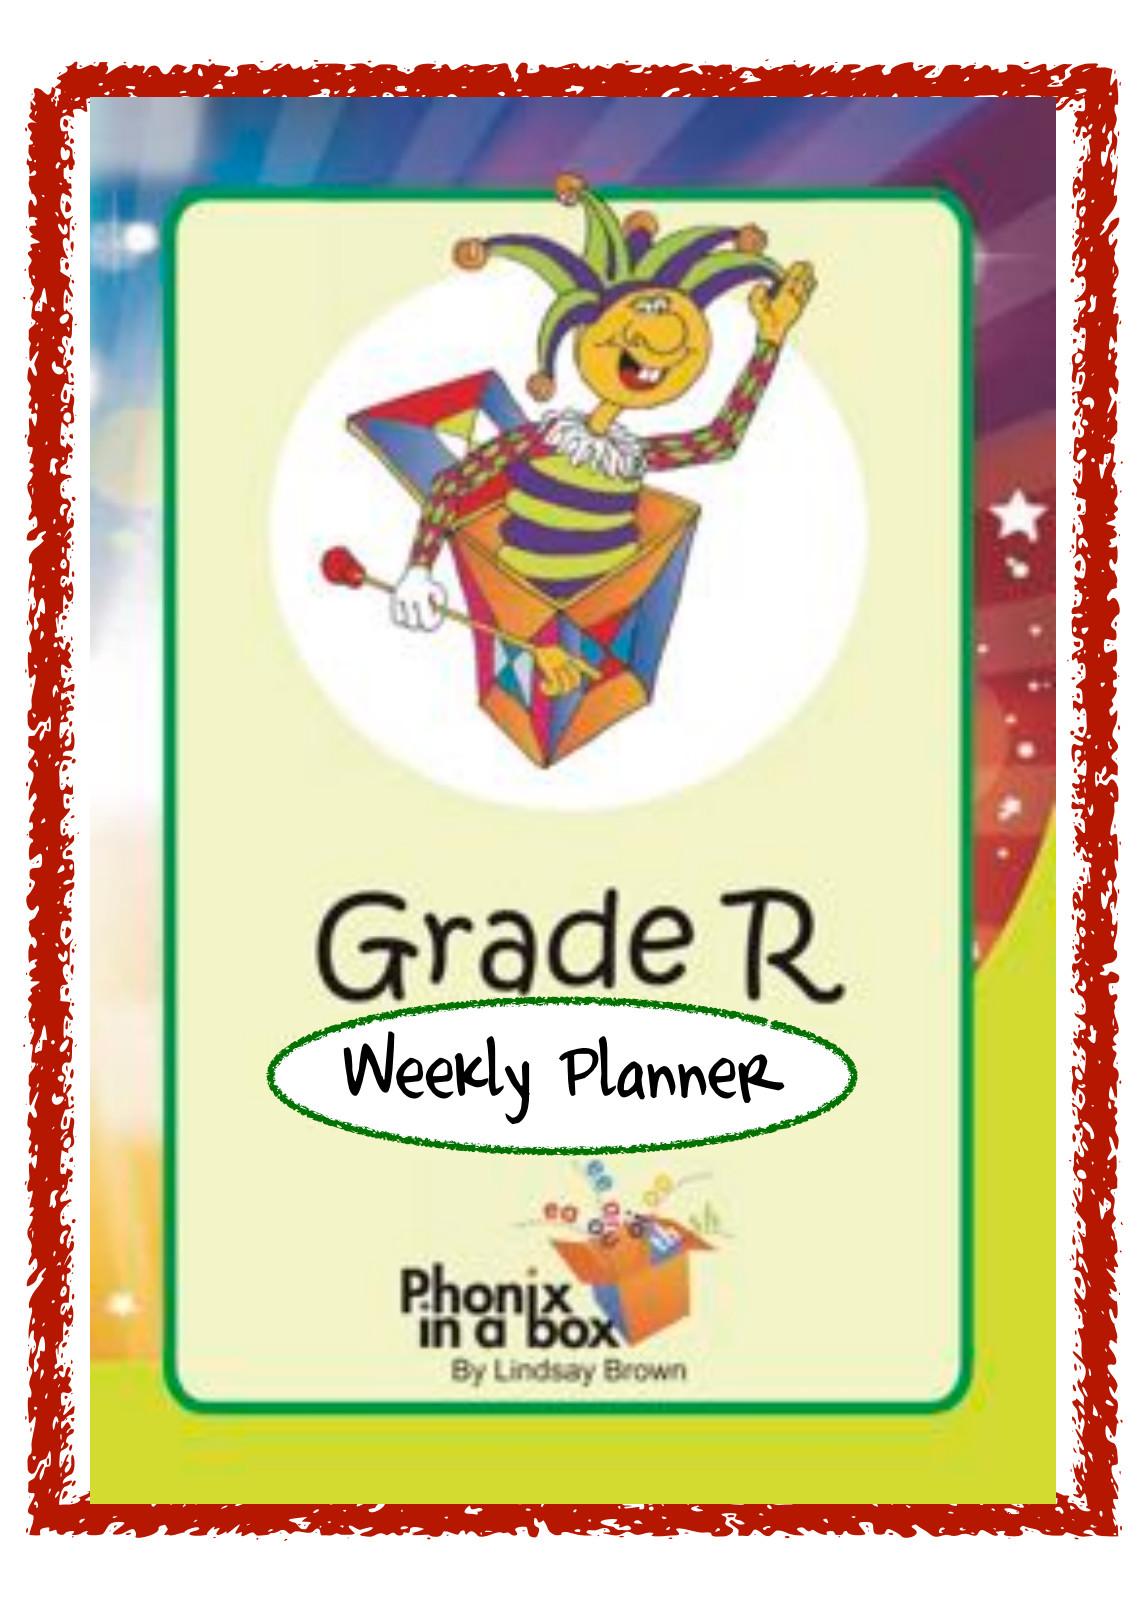 Grade R weekly planner